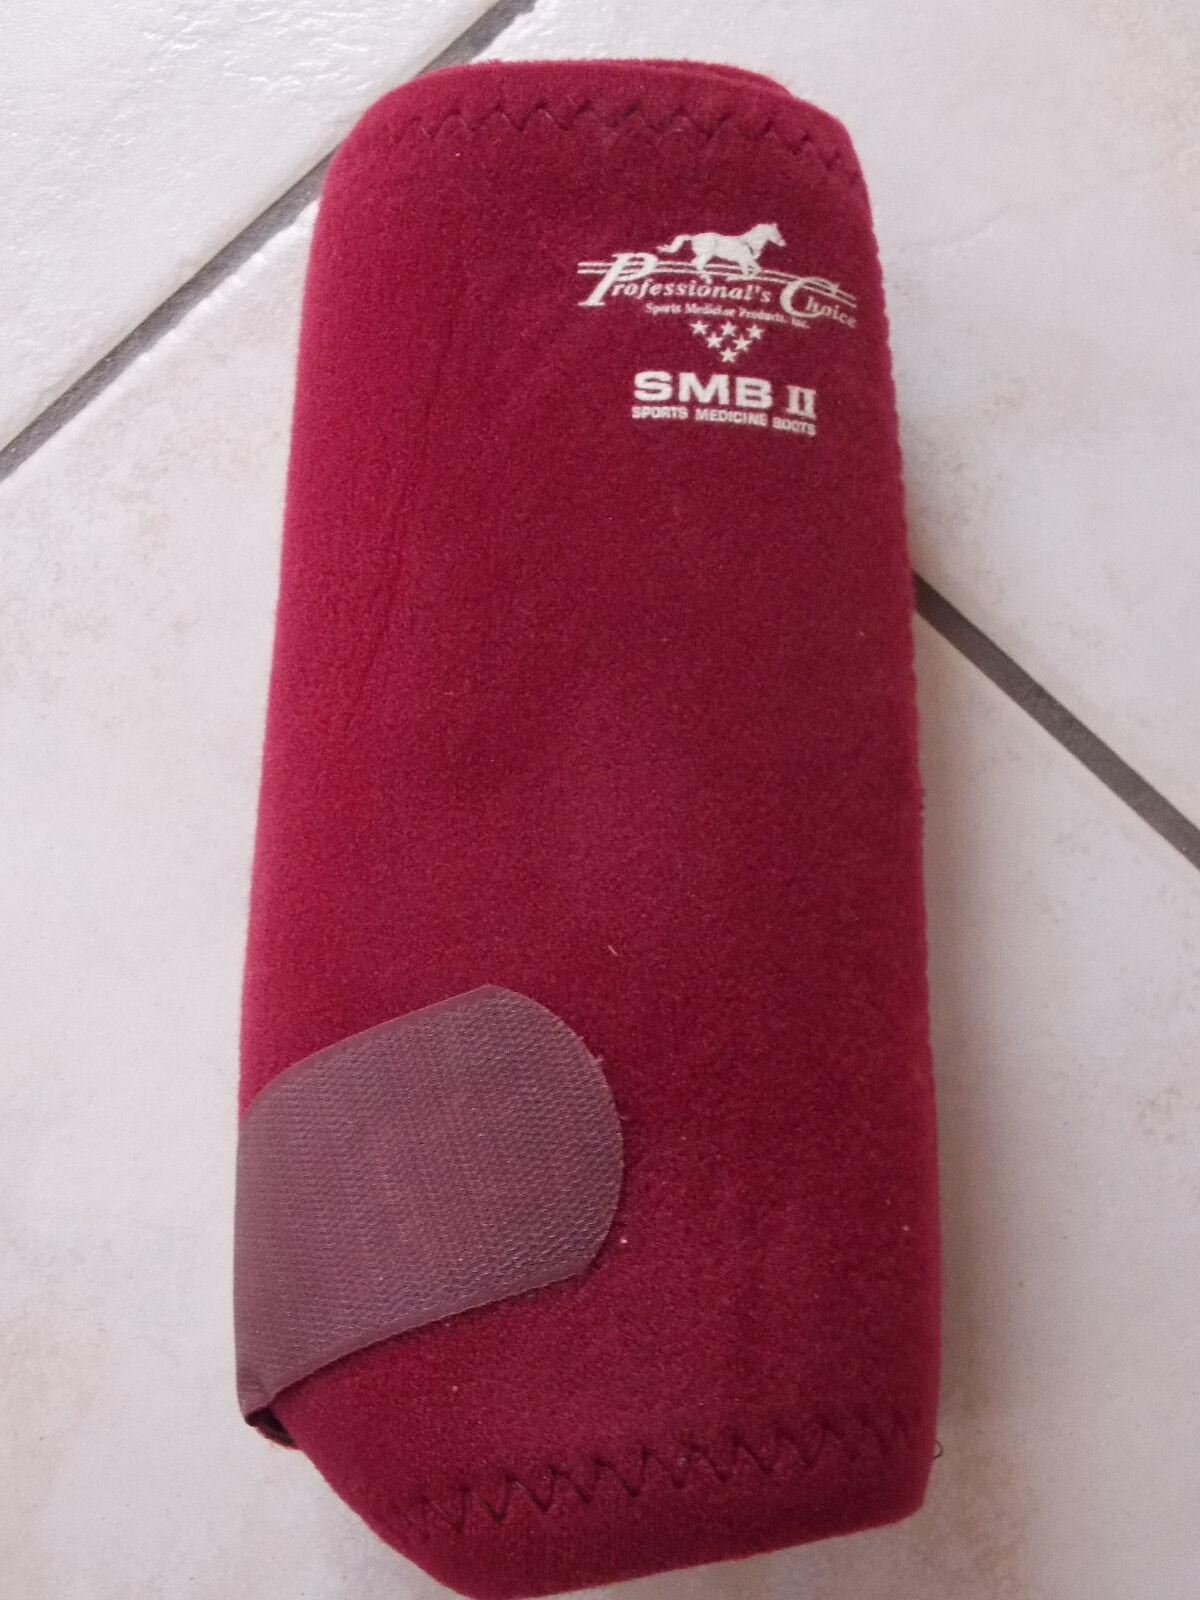 ■■■ SMB medicine Stiefel 200, neu, ovp, unbenutzt, blau, Klettverschluß Gr. M ■■■